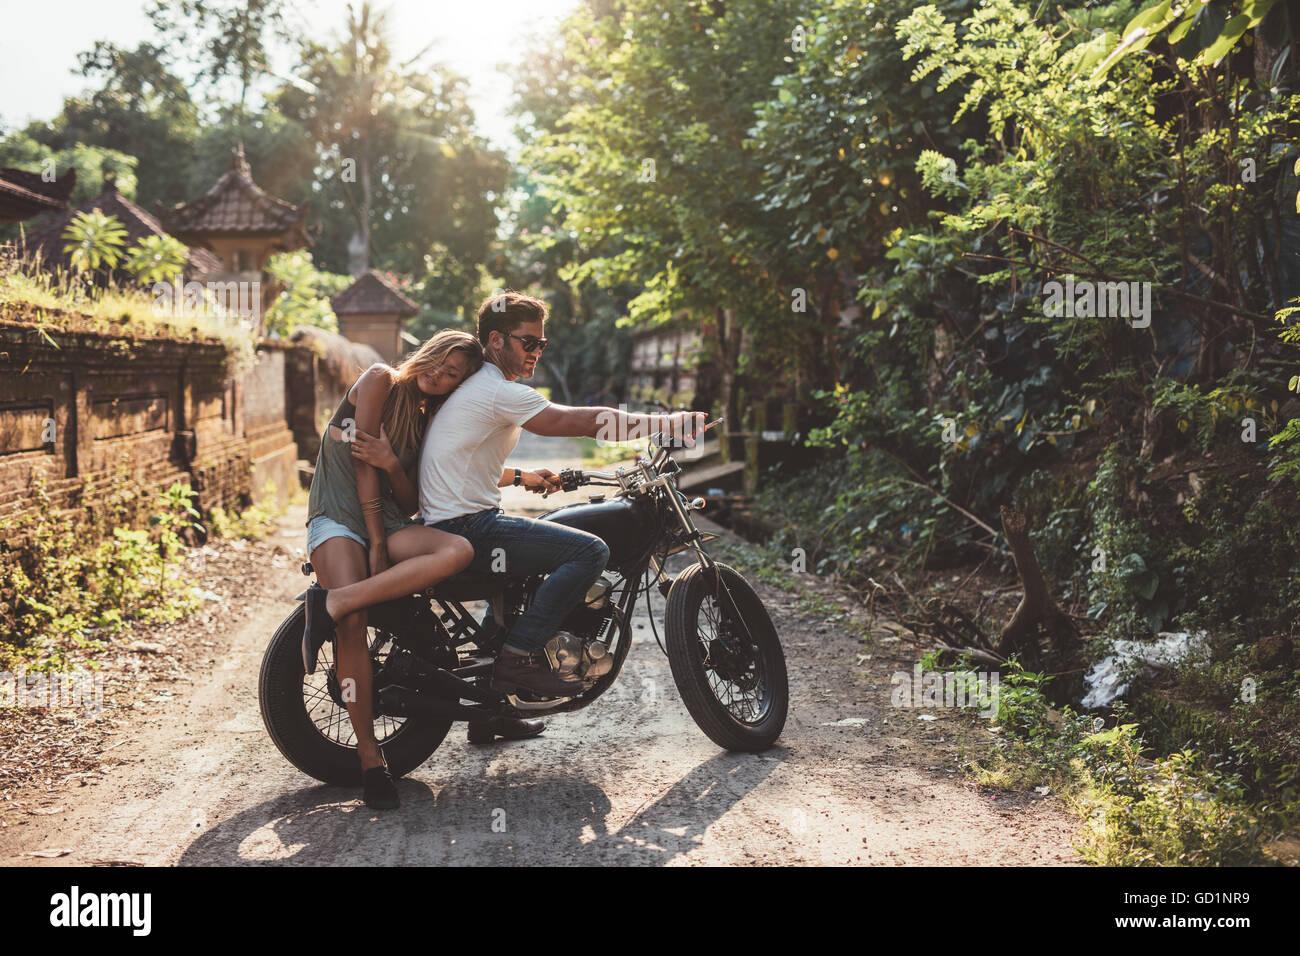 Jeune couple aimant sur une moto. Jeune homme et femme sur la moto dans un village un jour d'été. Photo Stock